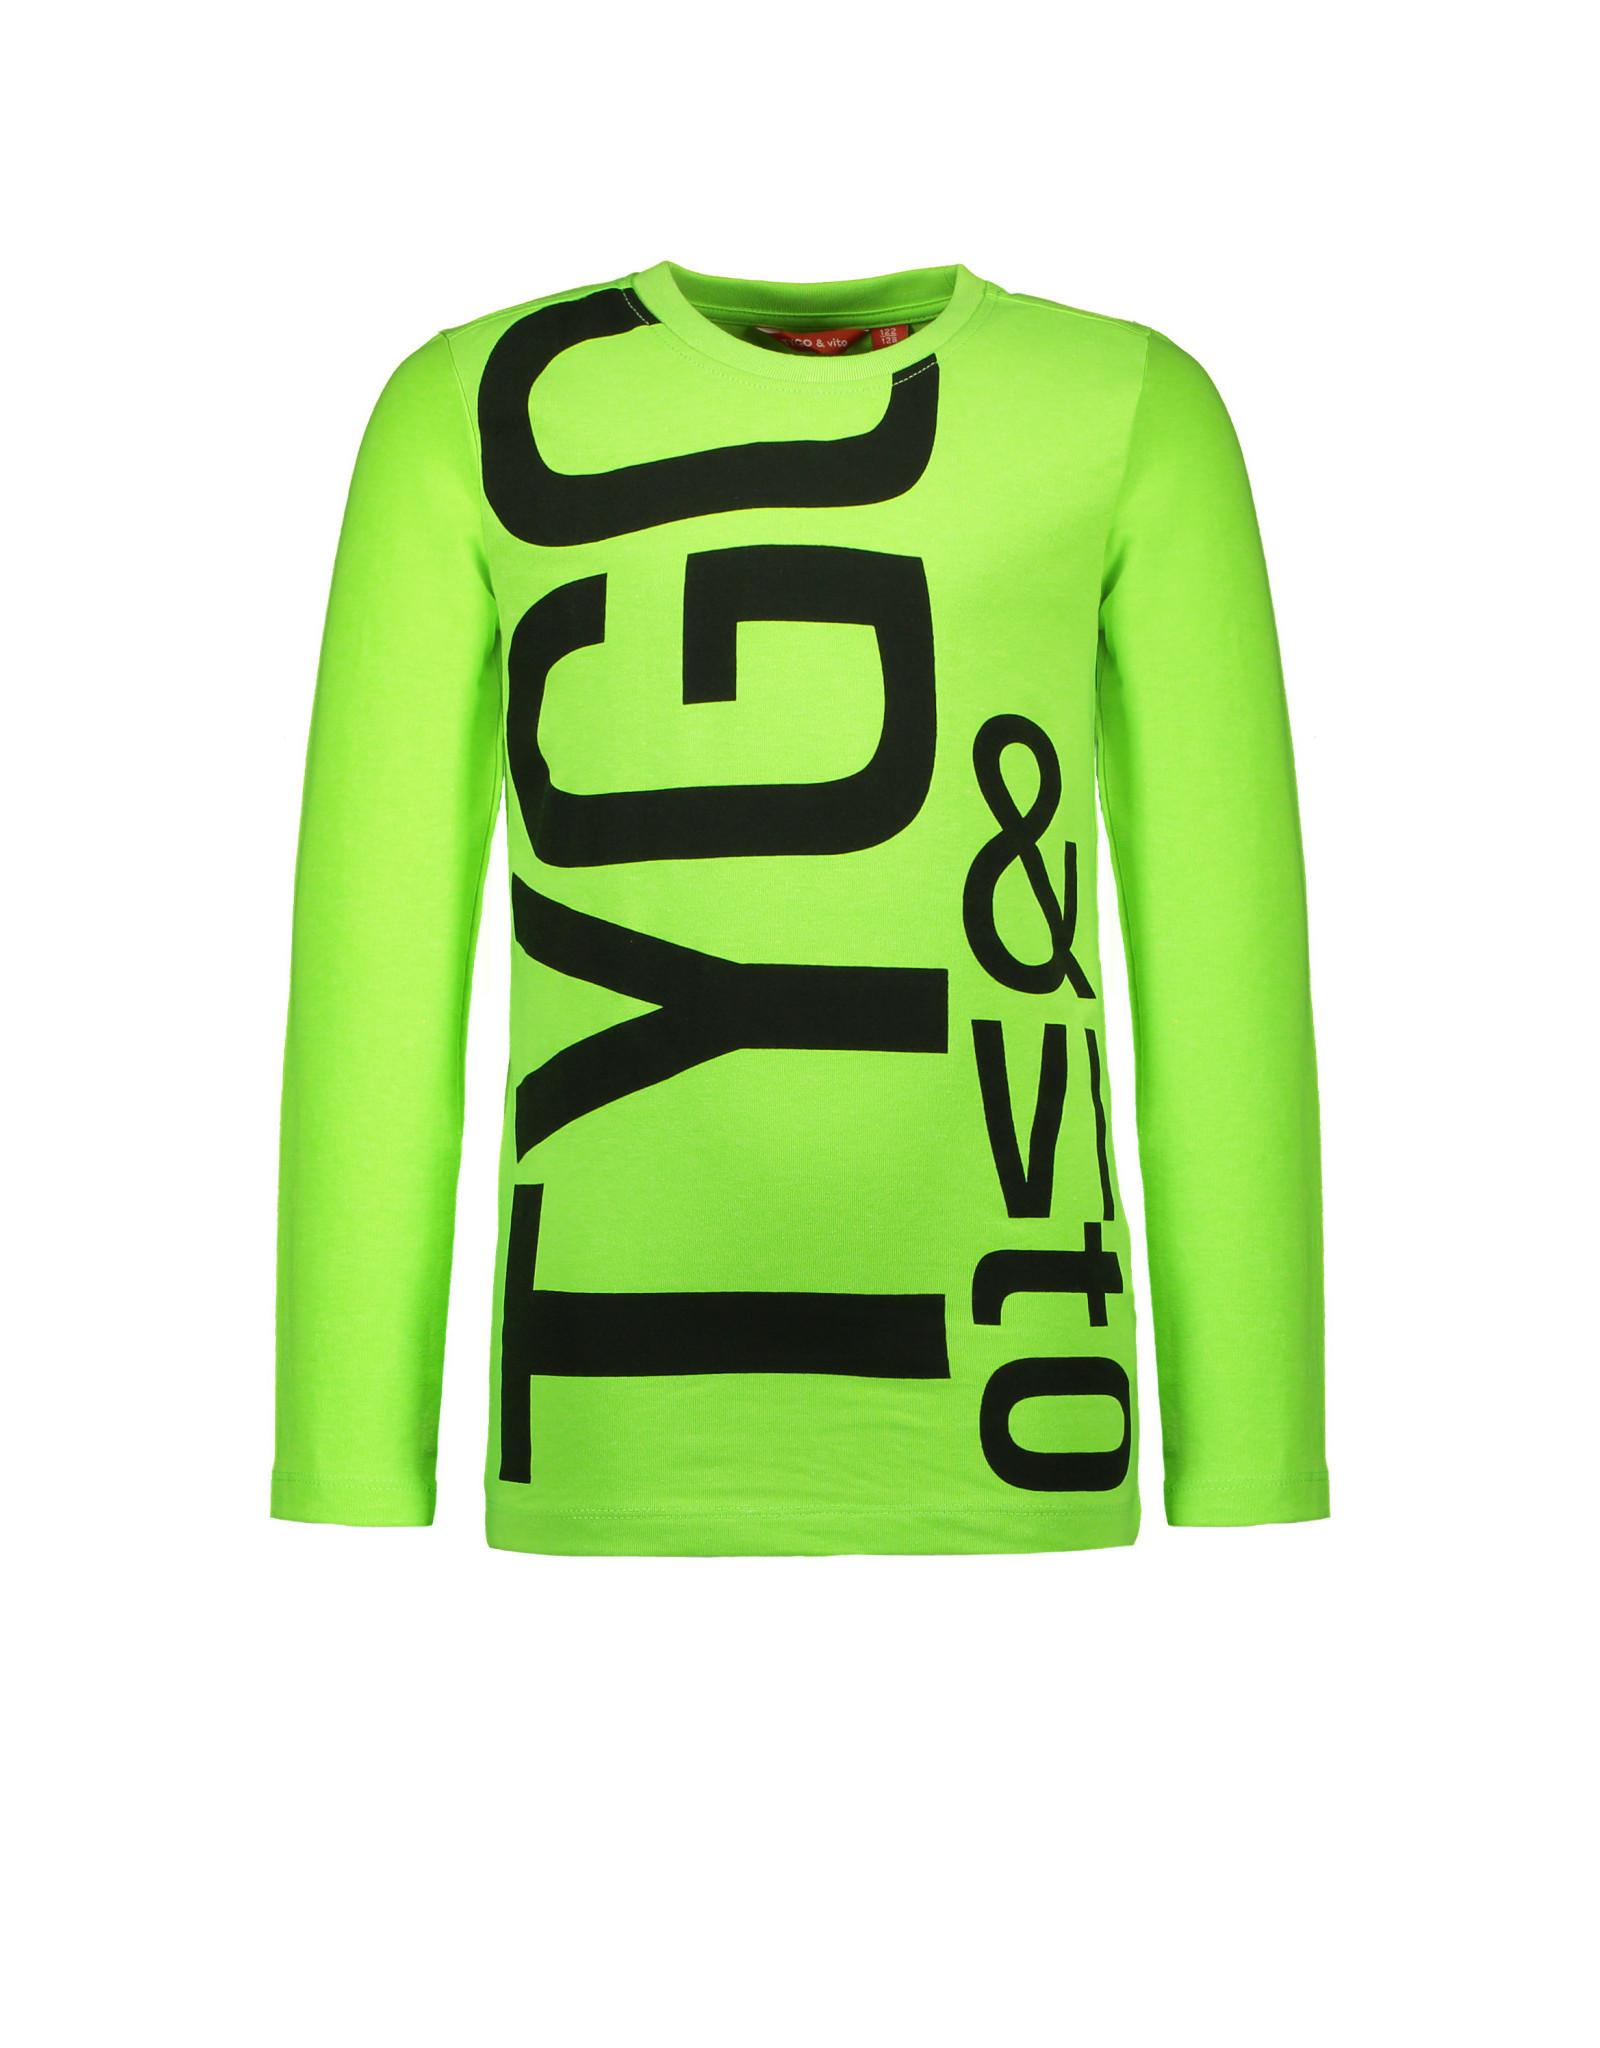 TYGO & vito TYGO & vito jongens shirt Logo Green Gecko